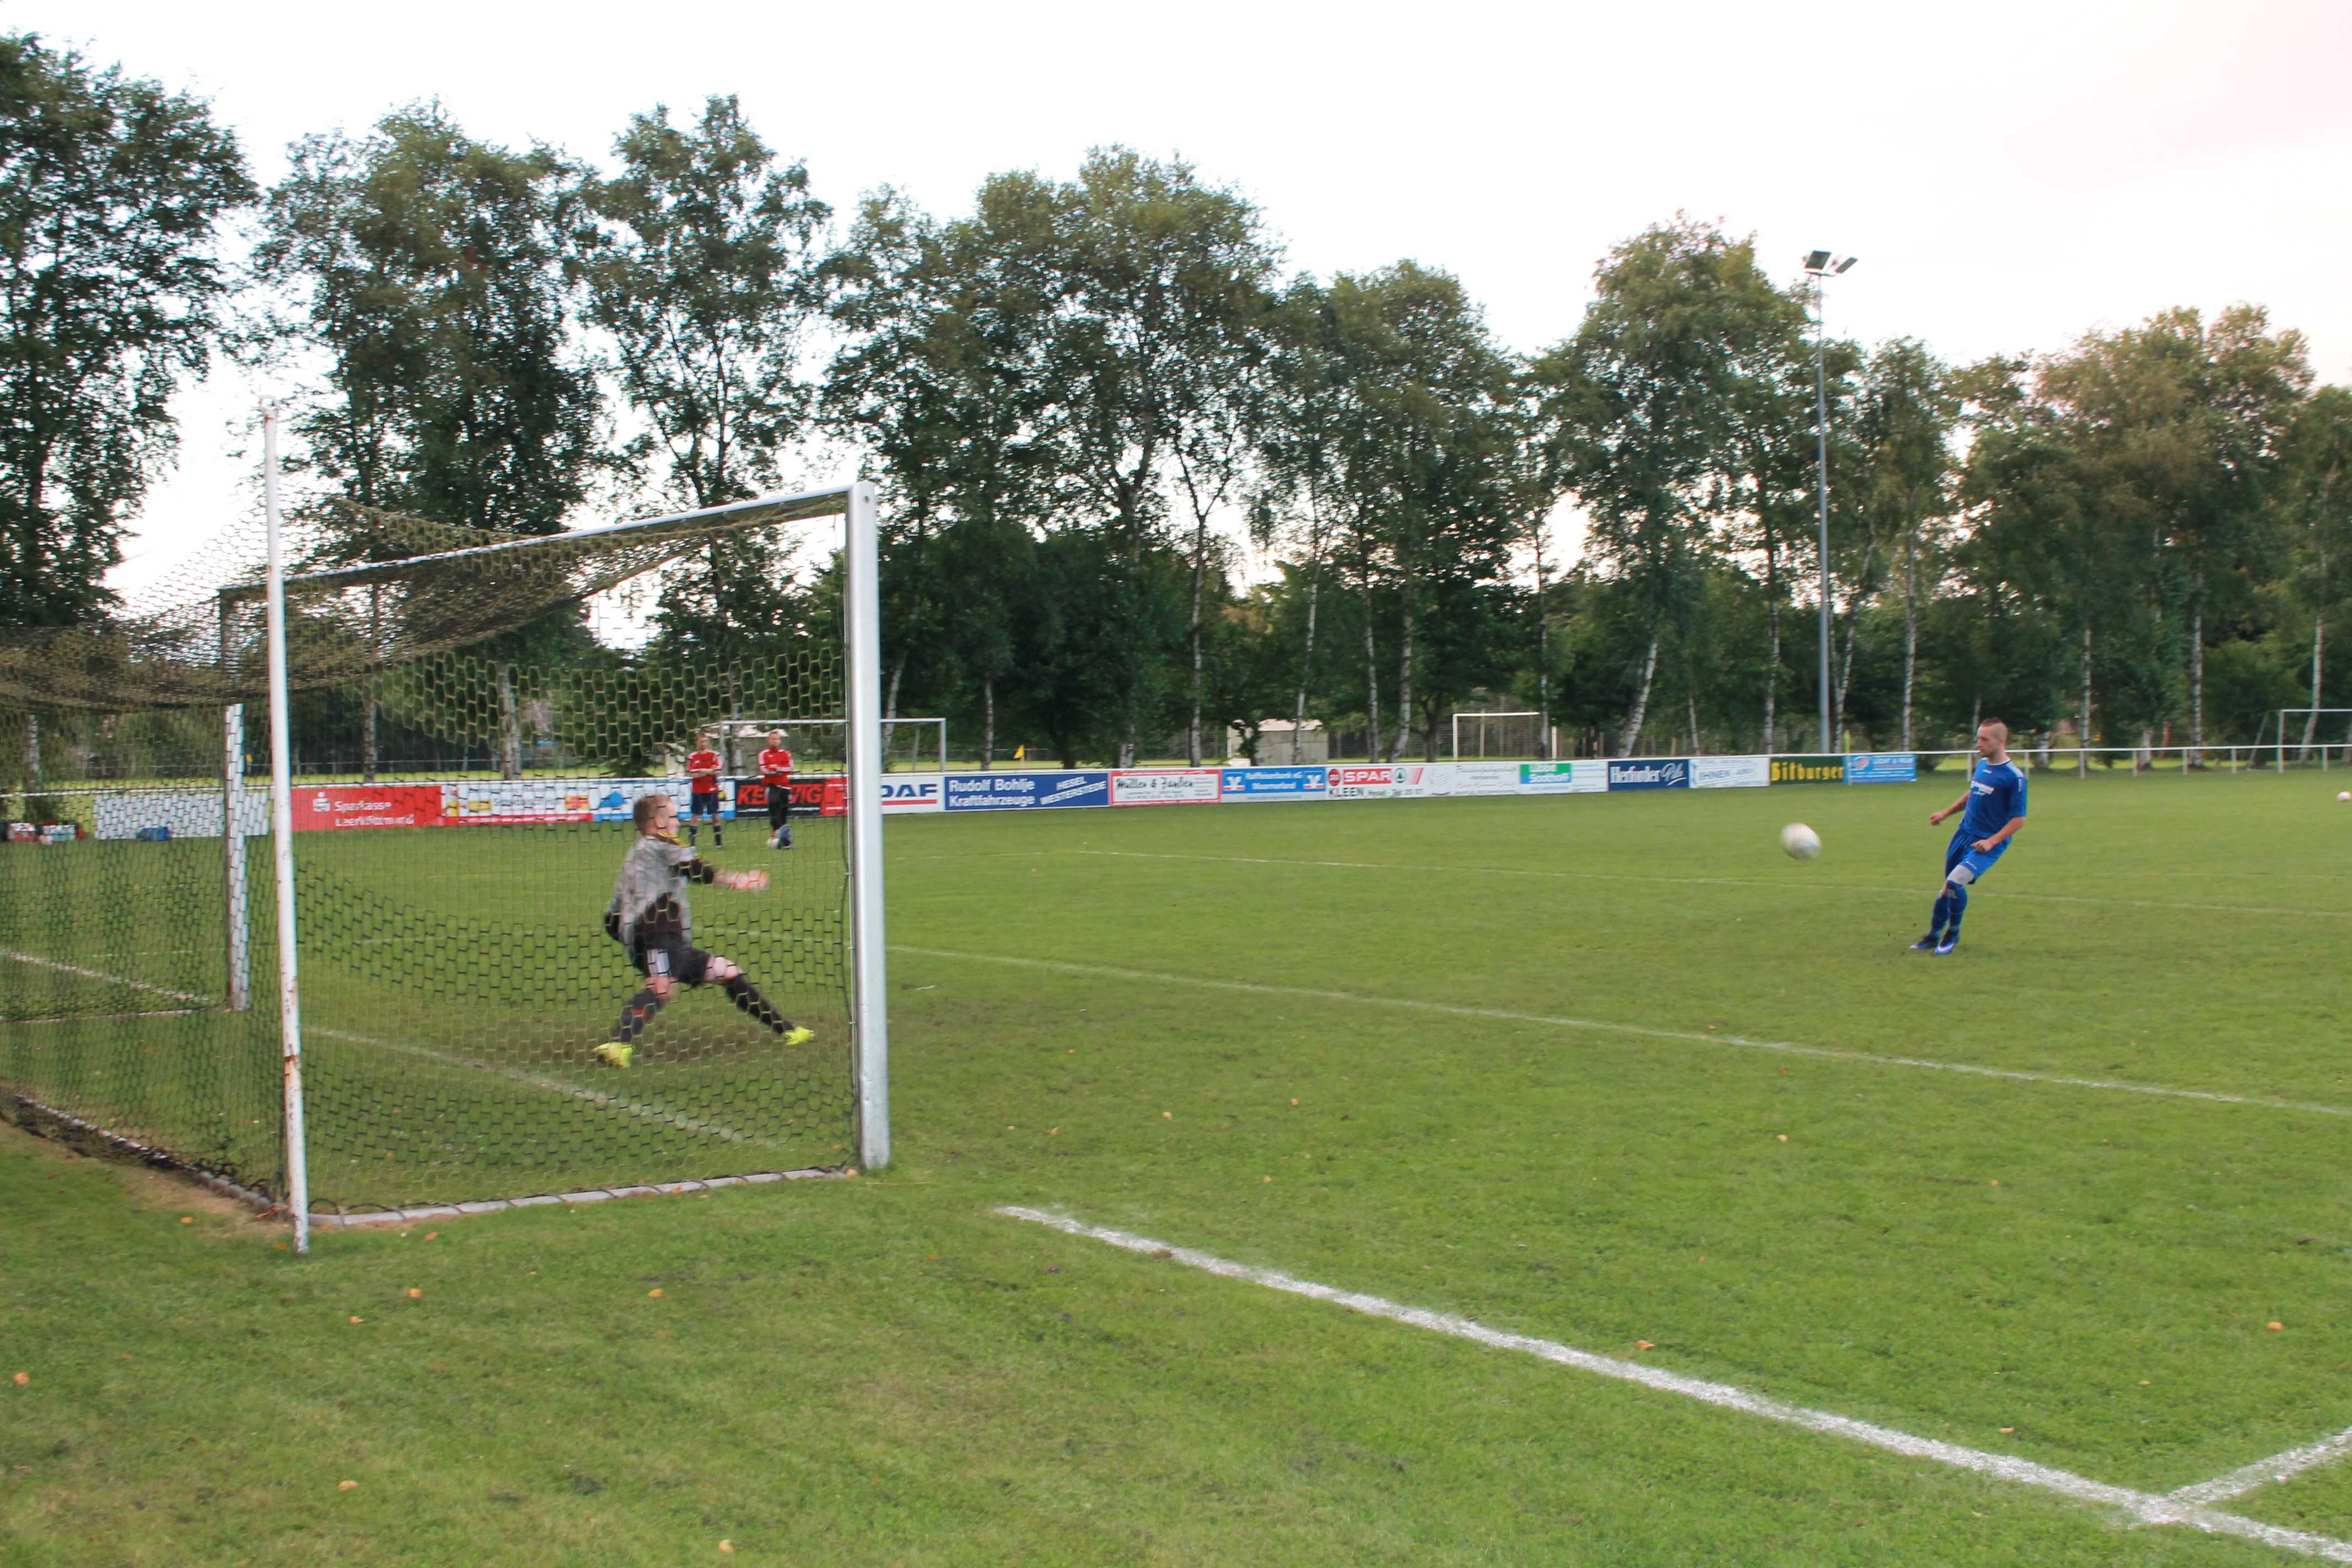 2016-08-03 Sportwoche - zweiter Mittwoch - 1. Herrenturnier (22)